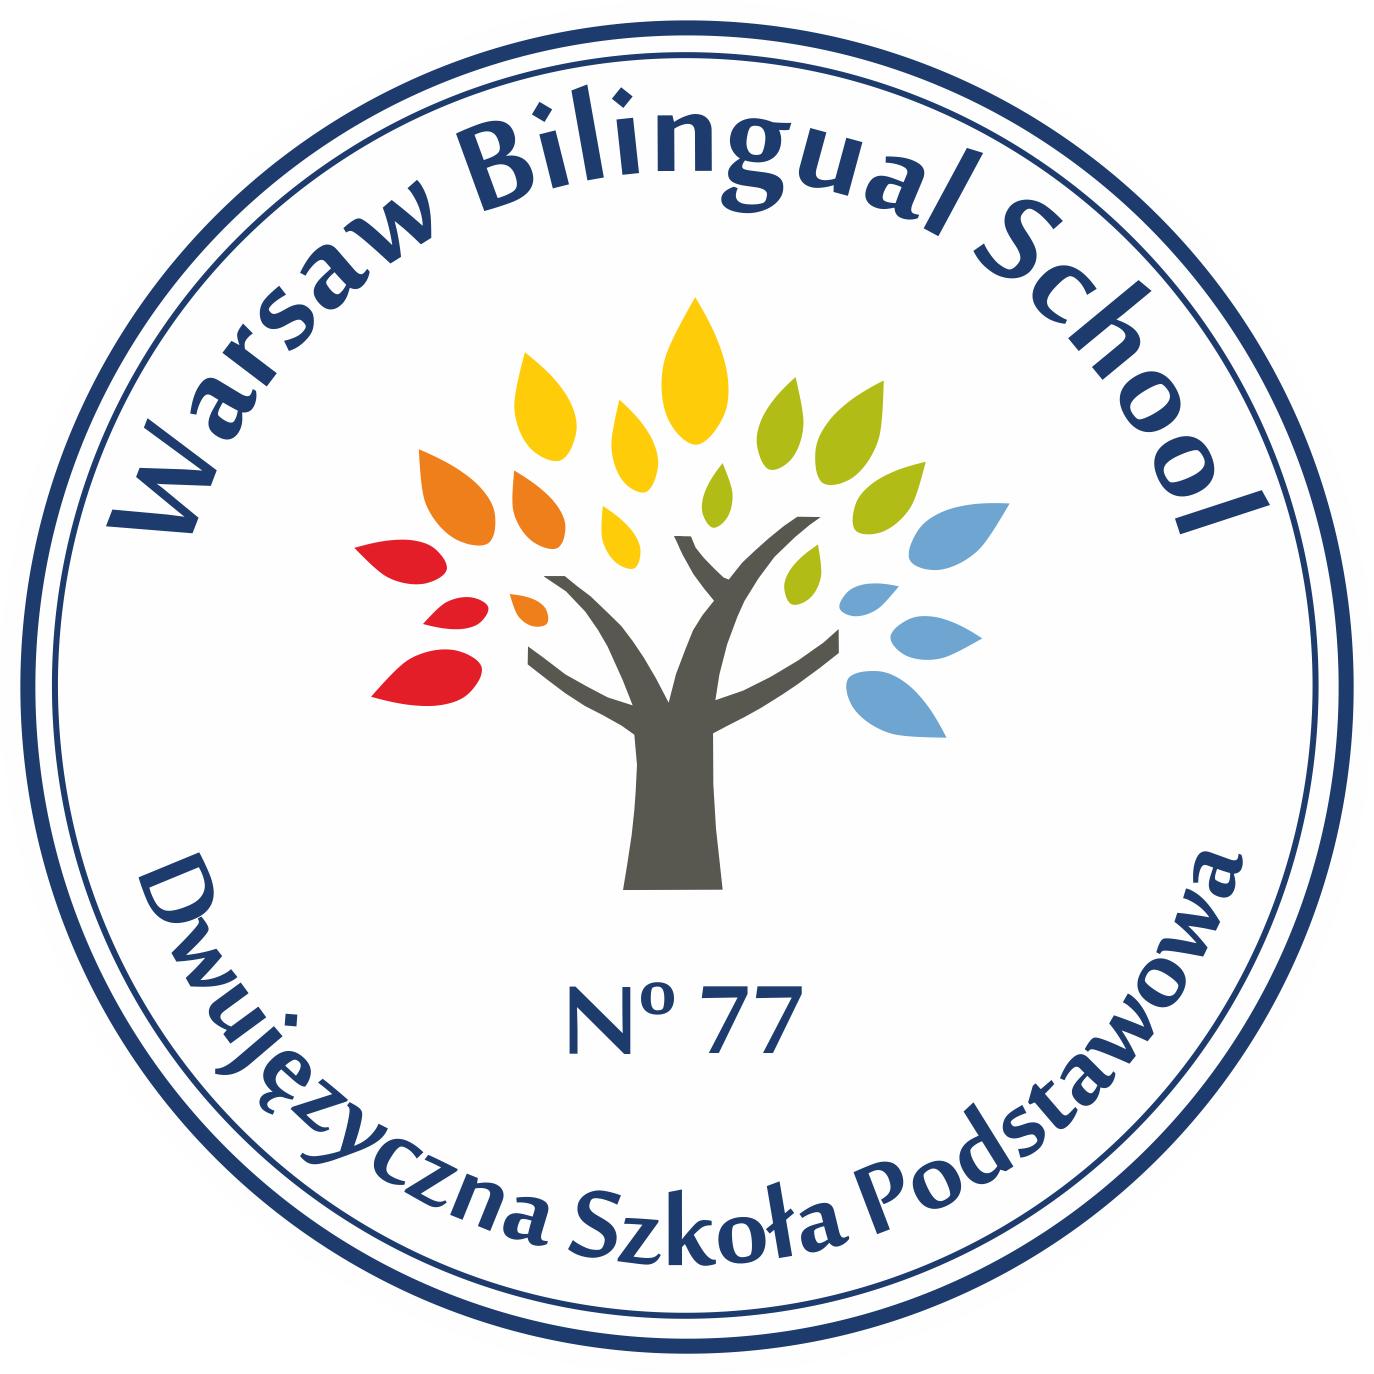 Warsaw Bilingual School Dwujęzyczna Szkoła Podstawowa im. Profesora Władysława Bartoszewskiego - adres, telefon, www | Urzędy i instytucje Warszawa Ochota  Warszawa Ochota